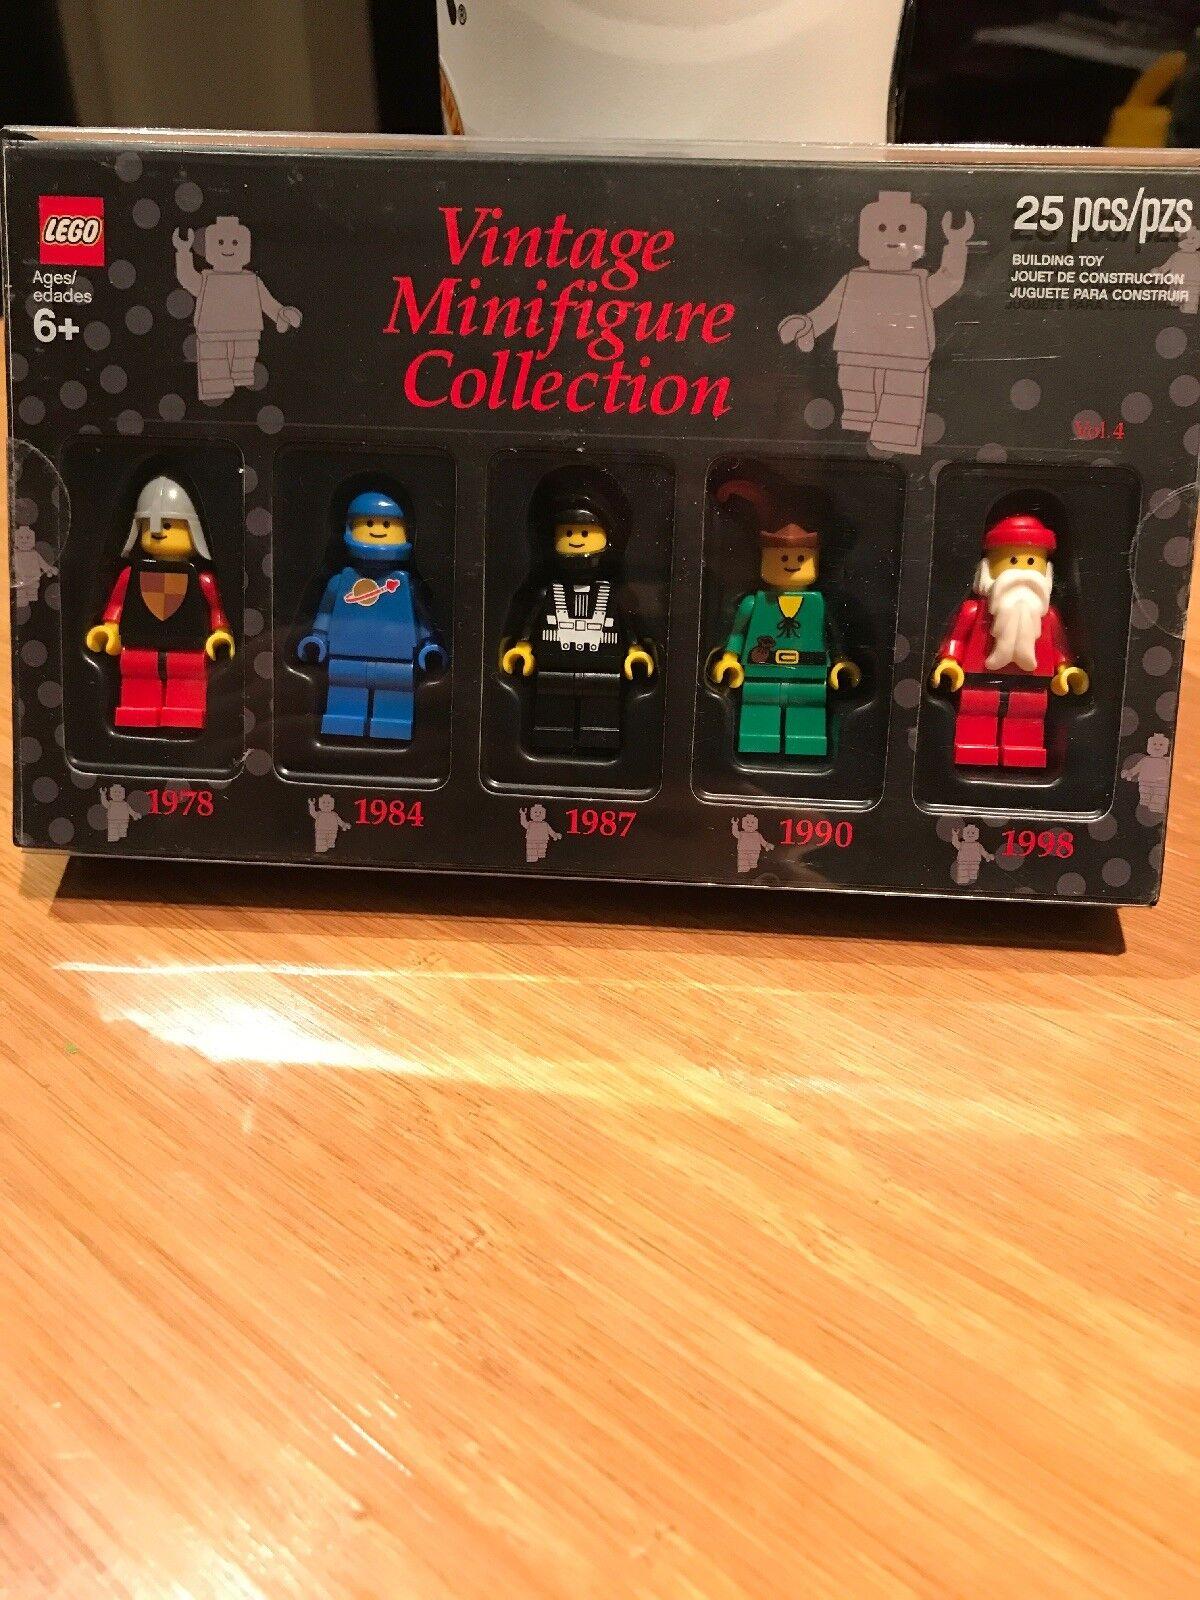 NEUF LEGO  vintage figurine collection-volume 4-point 4563616-LN  sélectionnez parmi les dernières marques comme